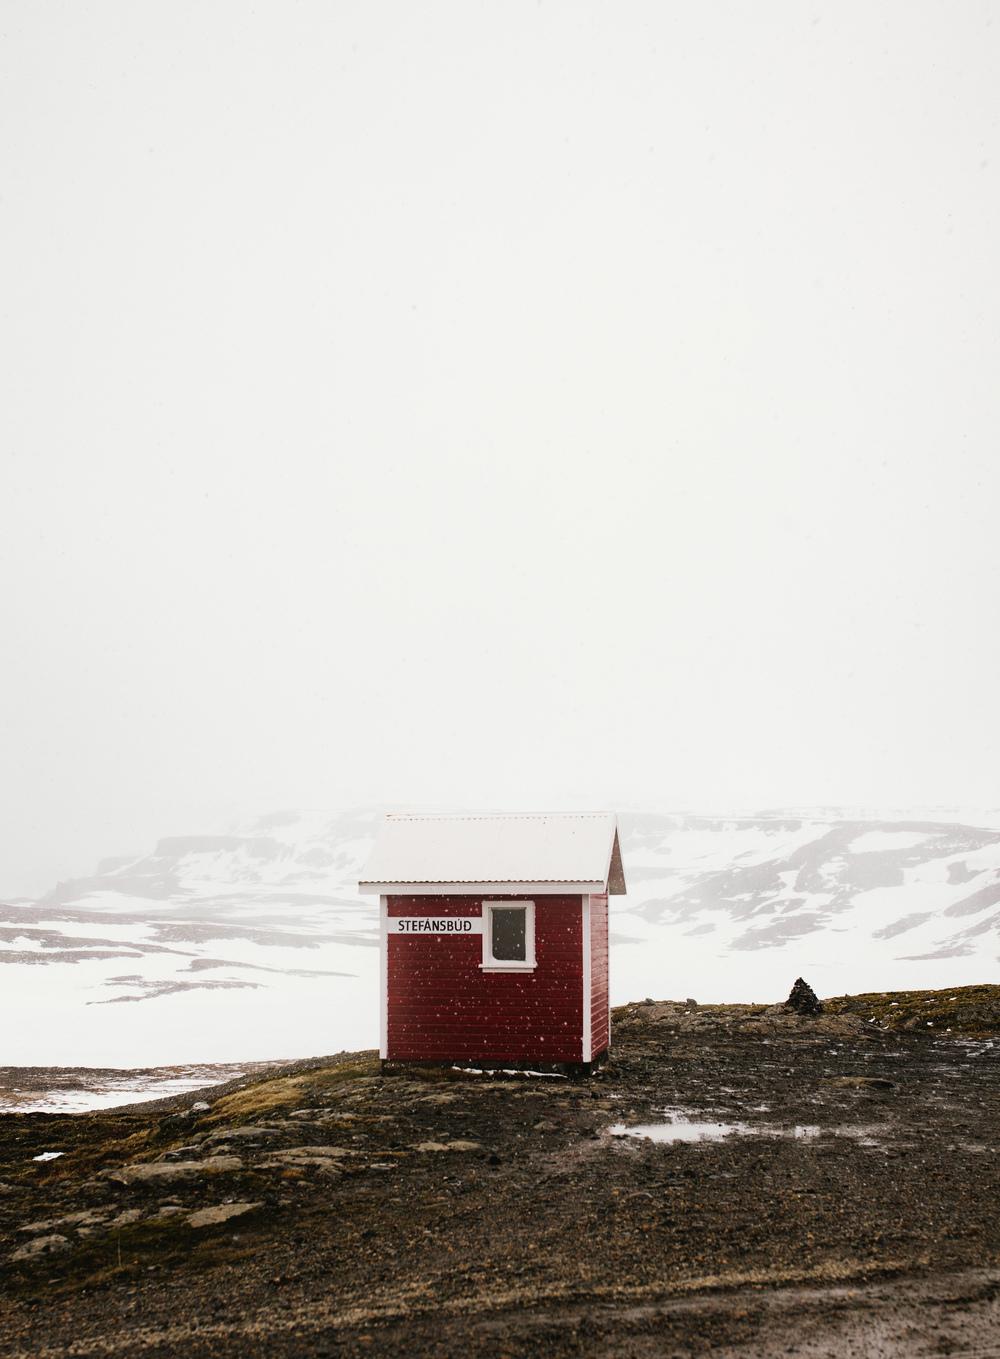 iceland (2 of 3).jpg